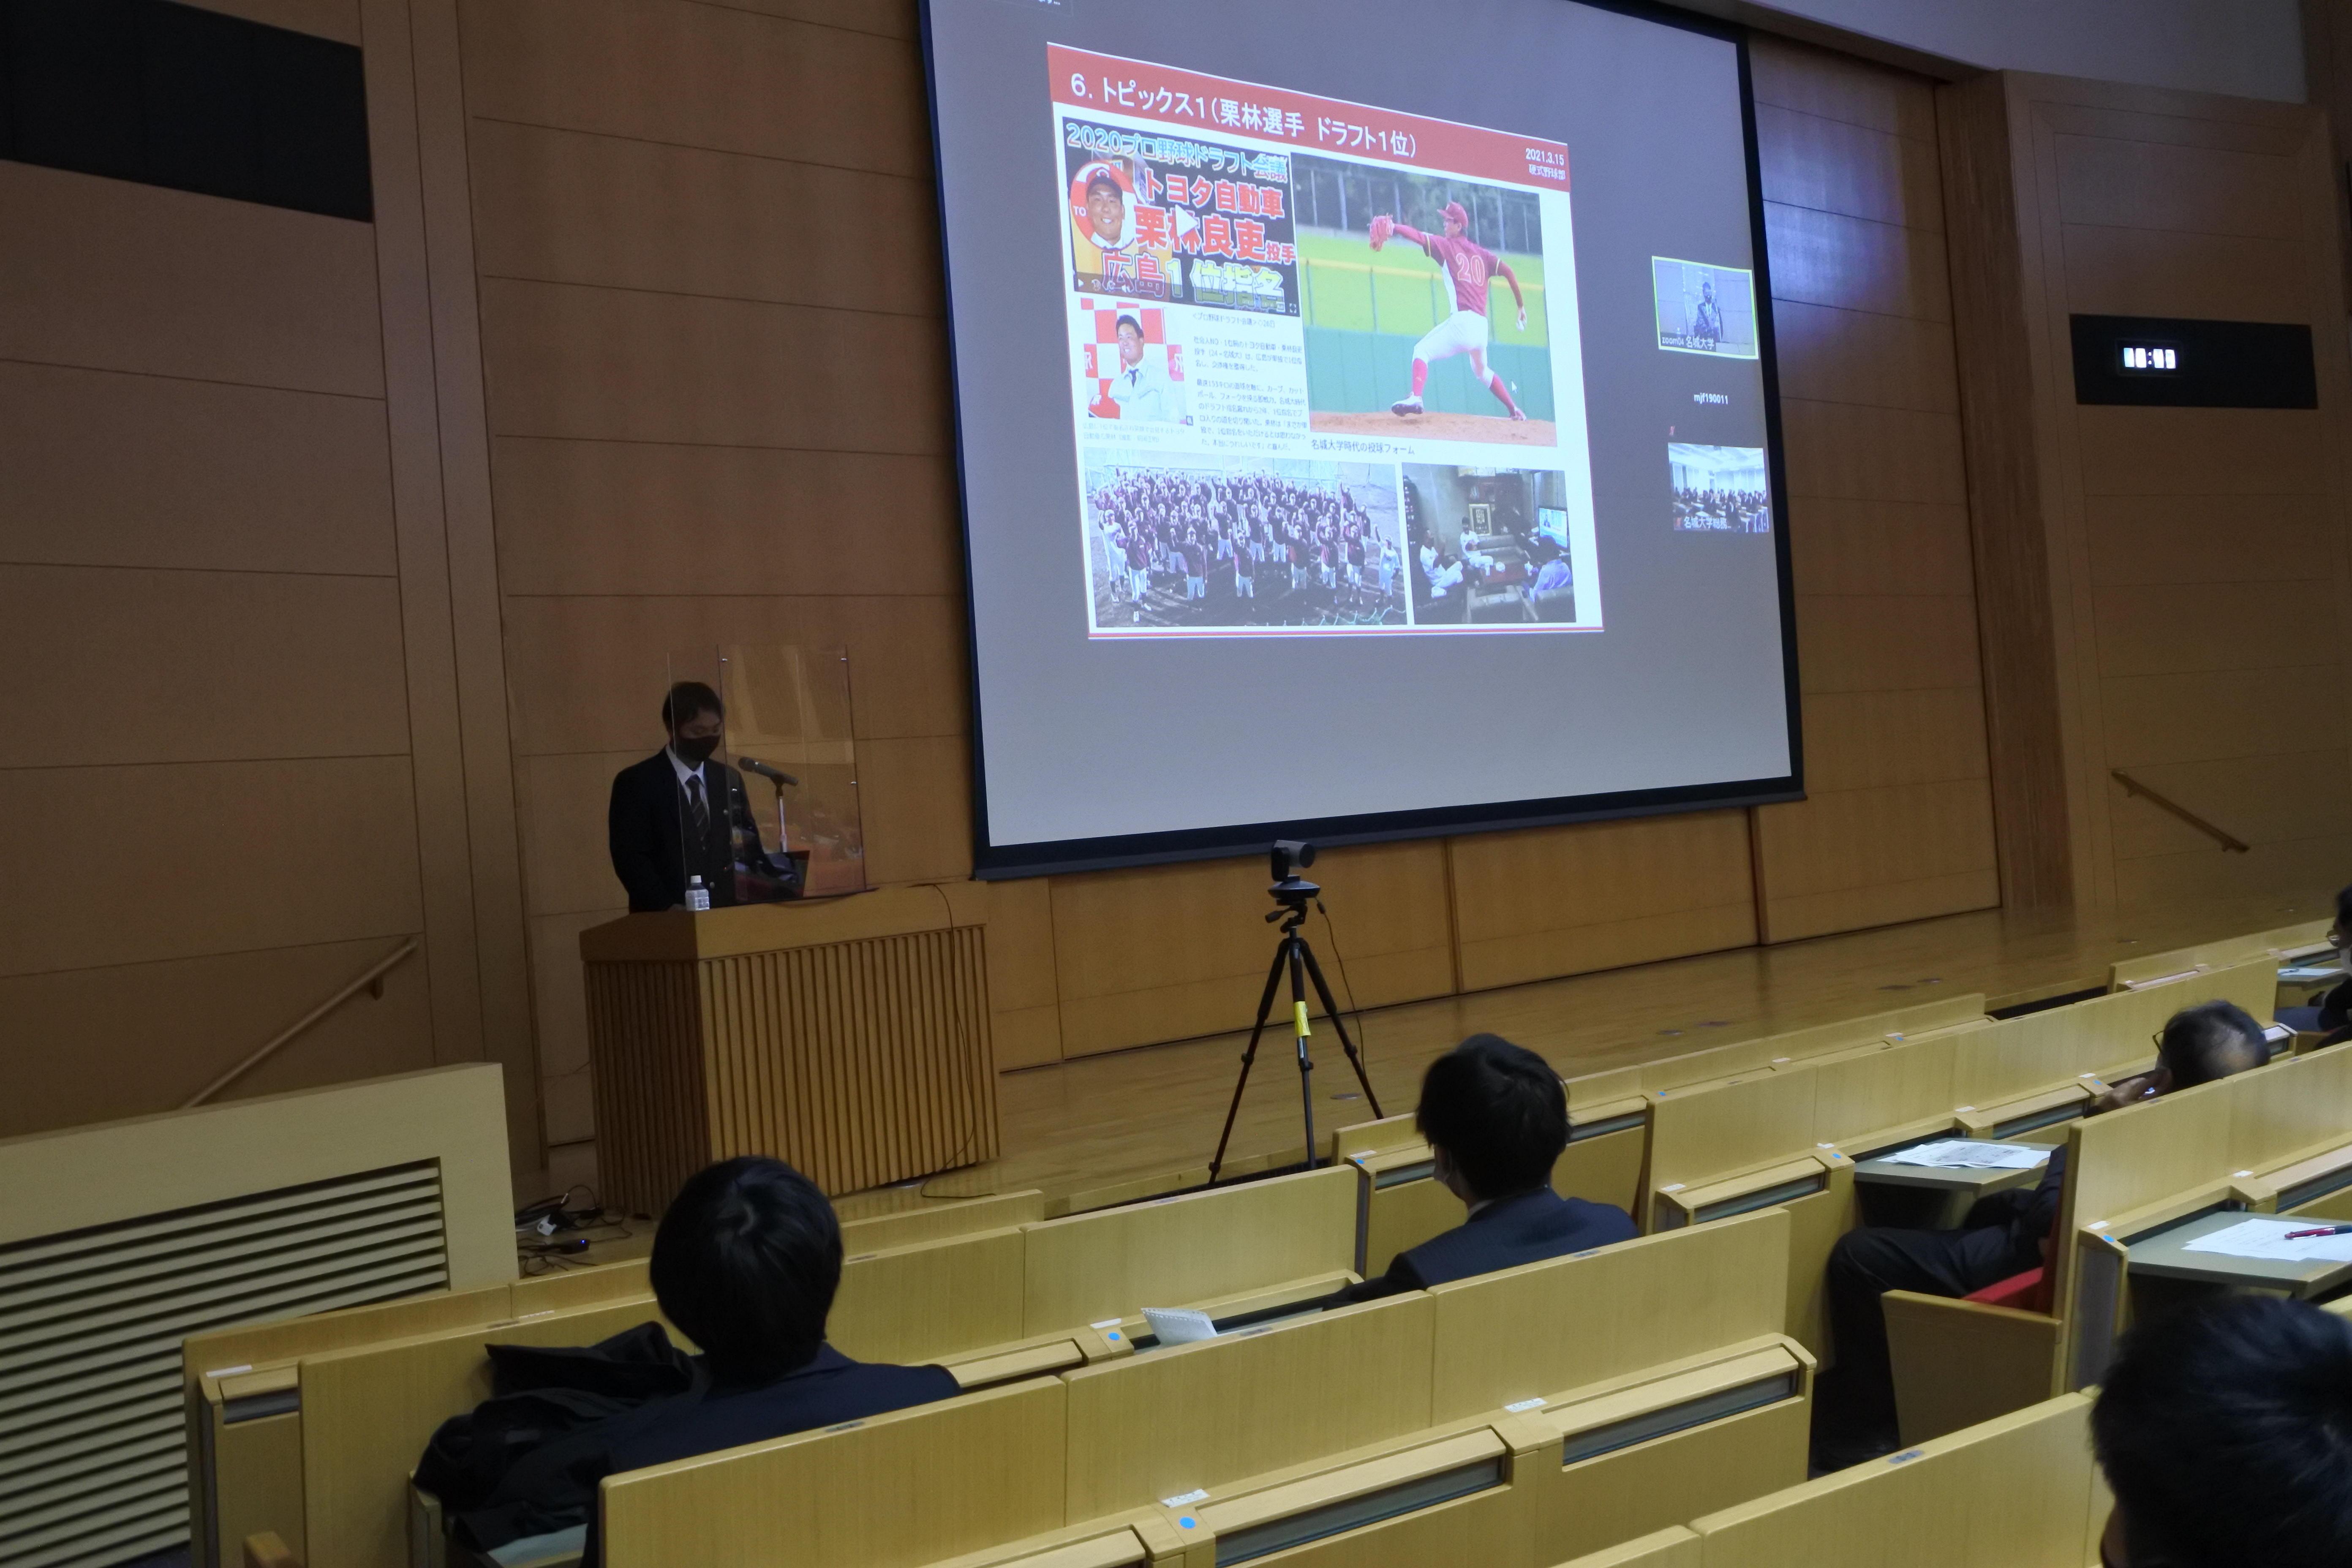 硬式野球部の飯田主将の発表